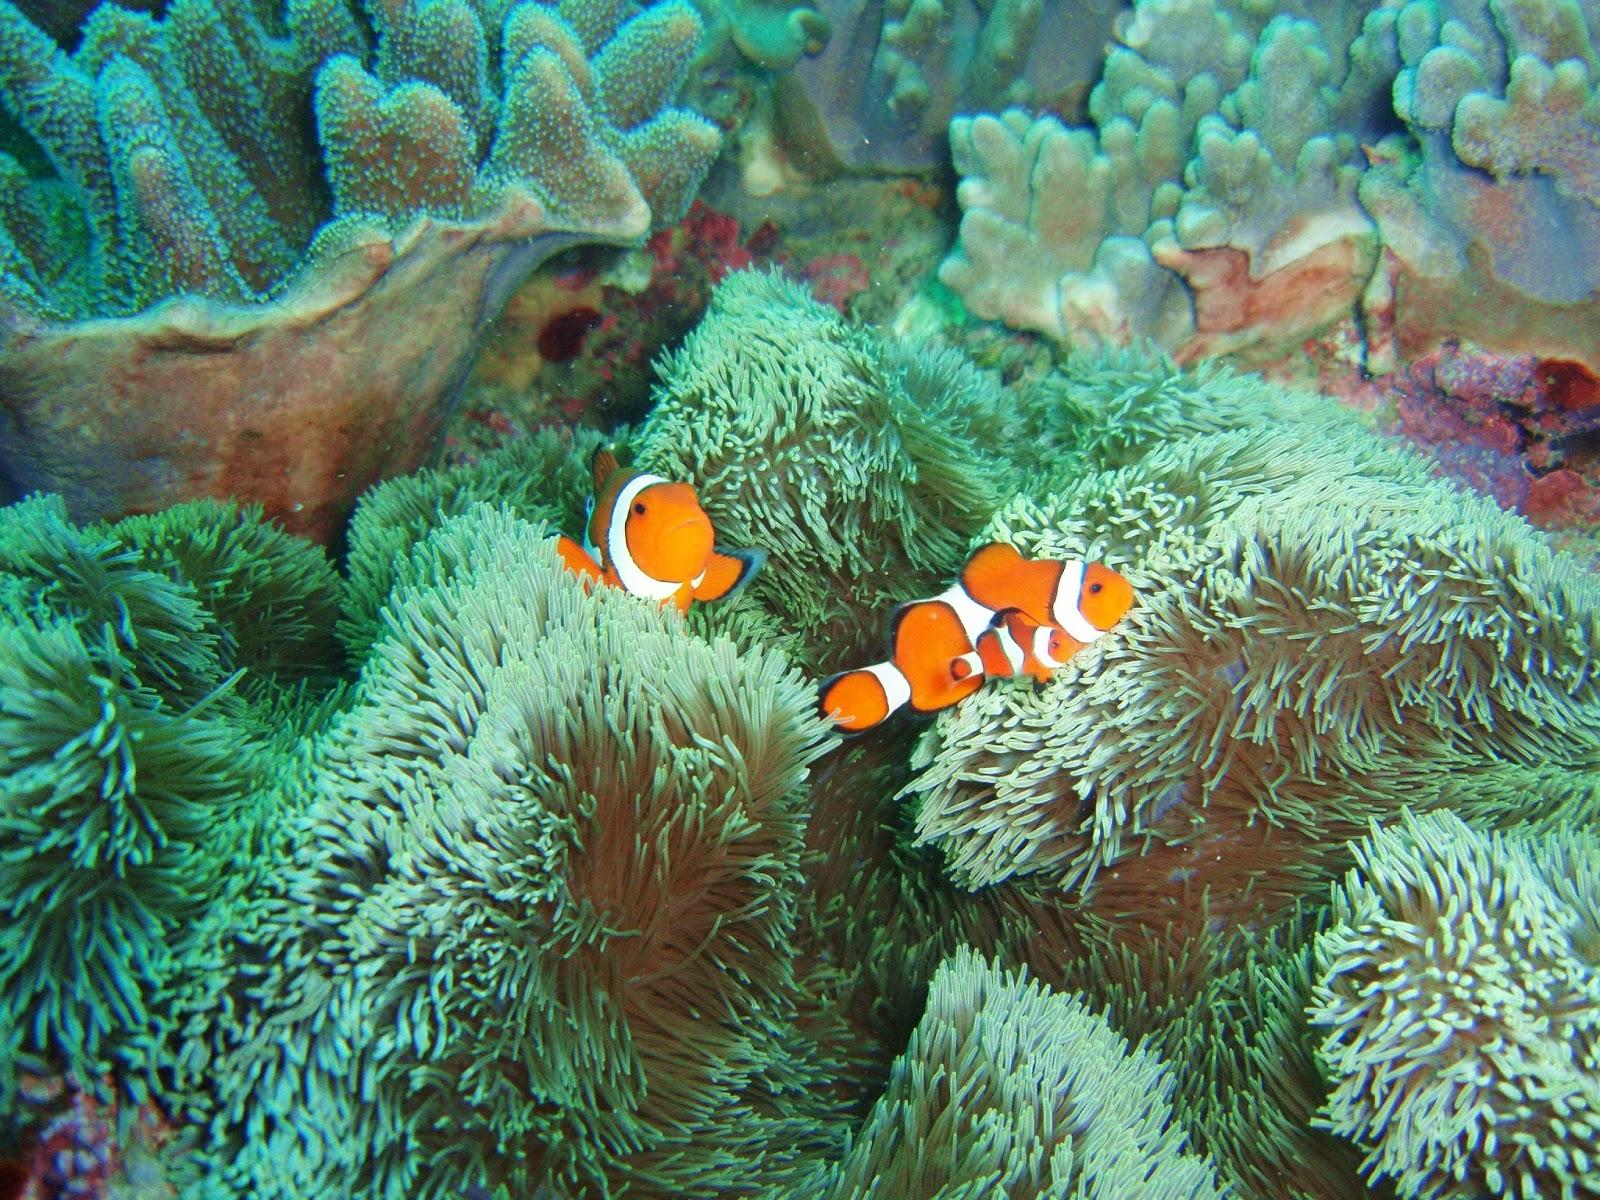 沖繩-沖繩潛水-沖繩浮潛-砂邊-推薦-潛點-Okinawa-scuba-diving-snorkeling